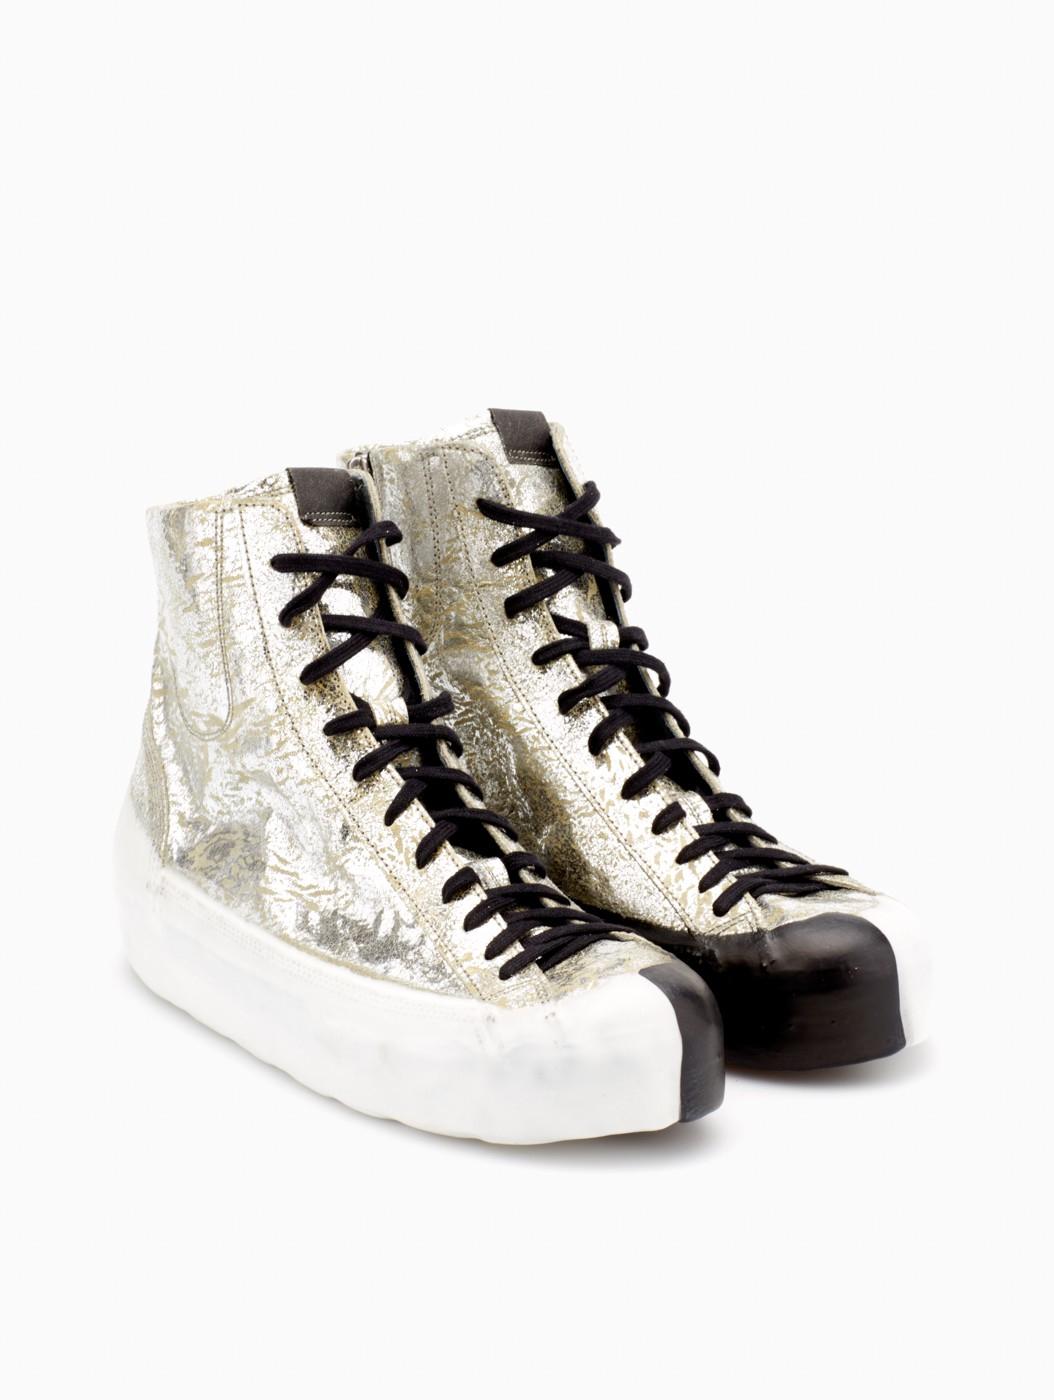 Oxs Shoes Men